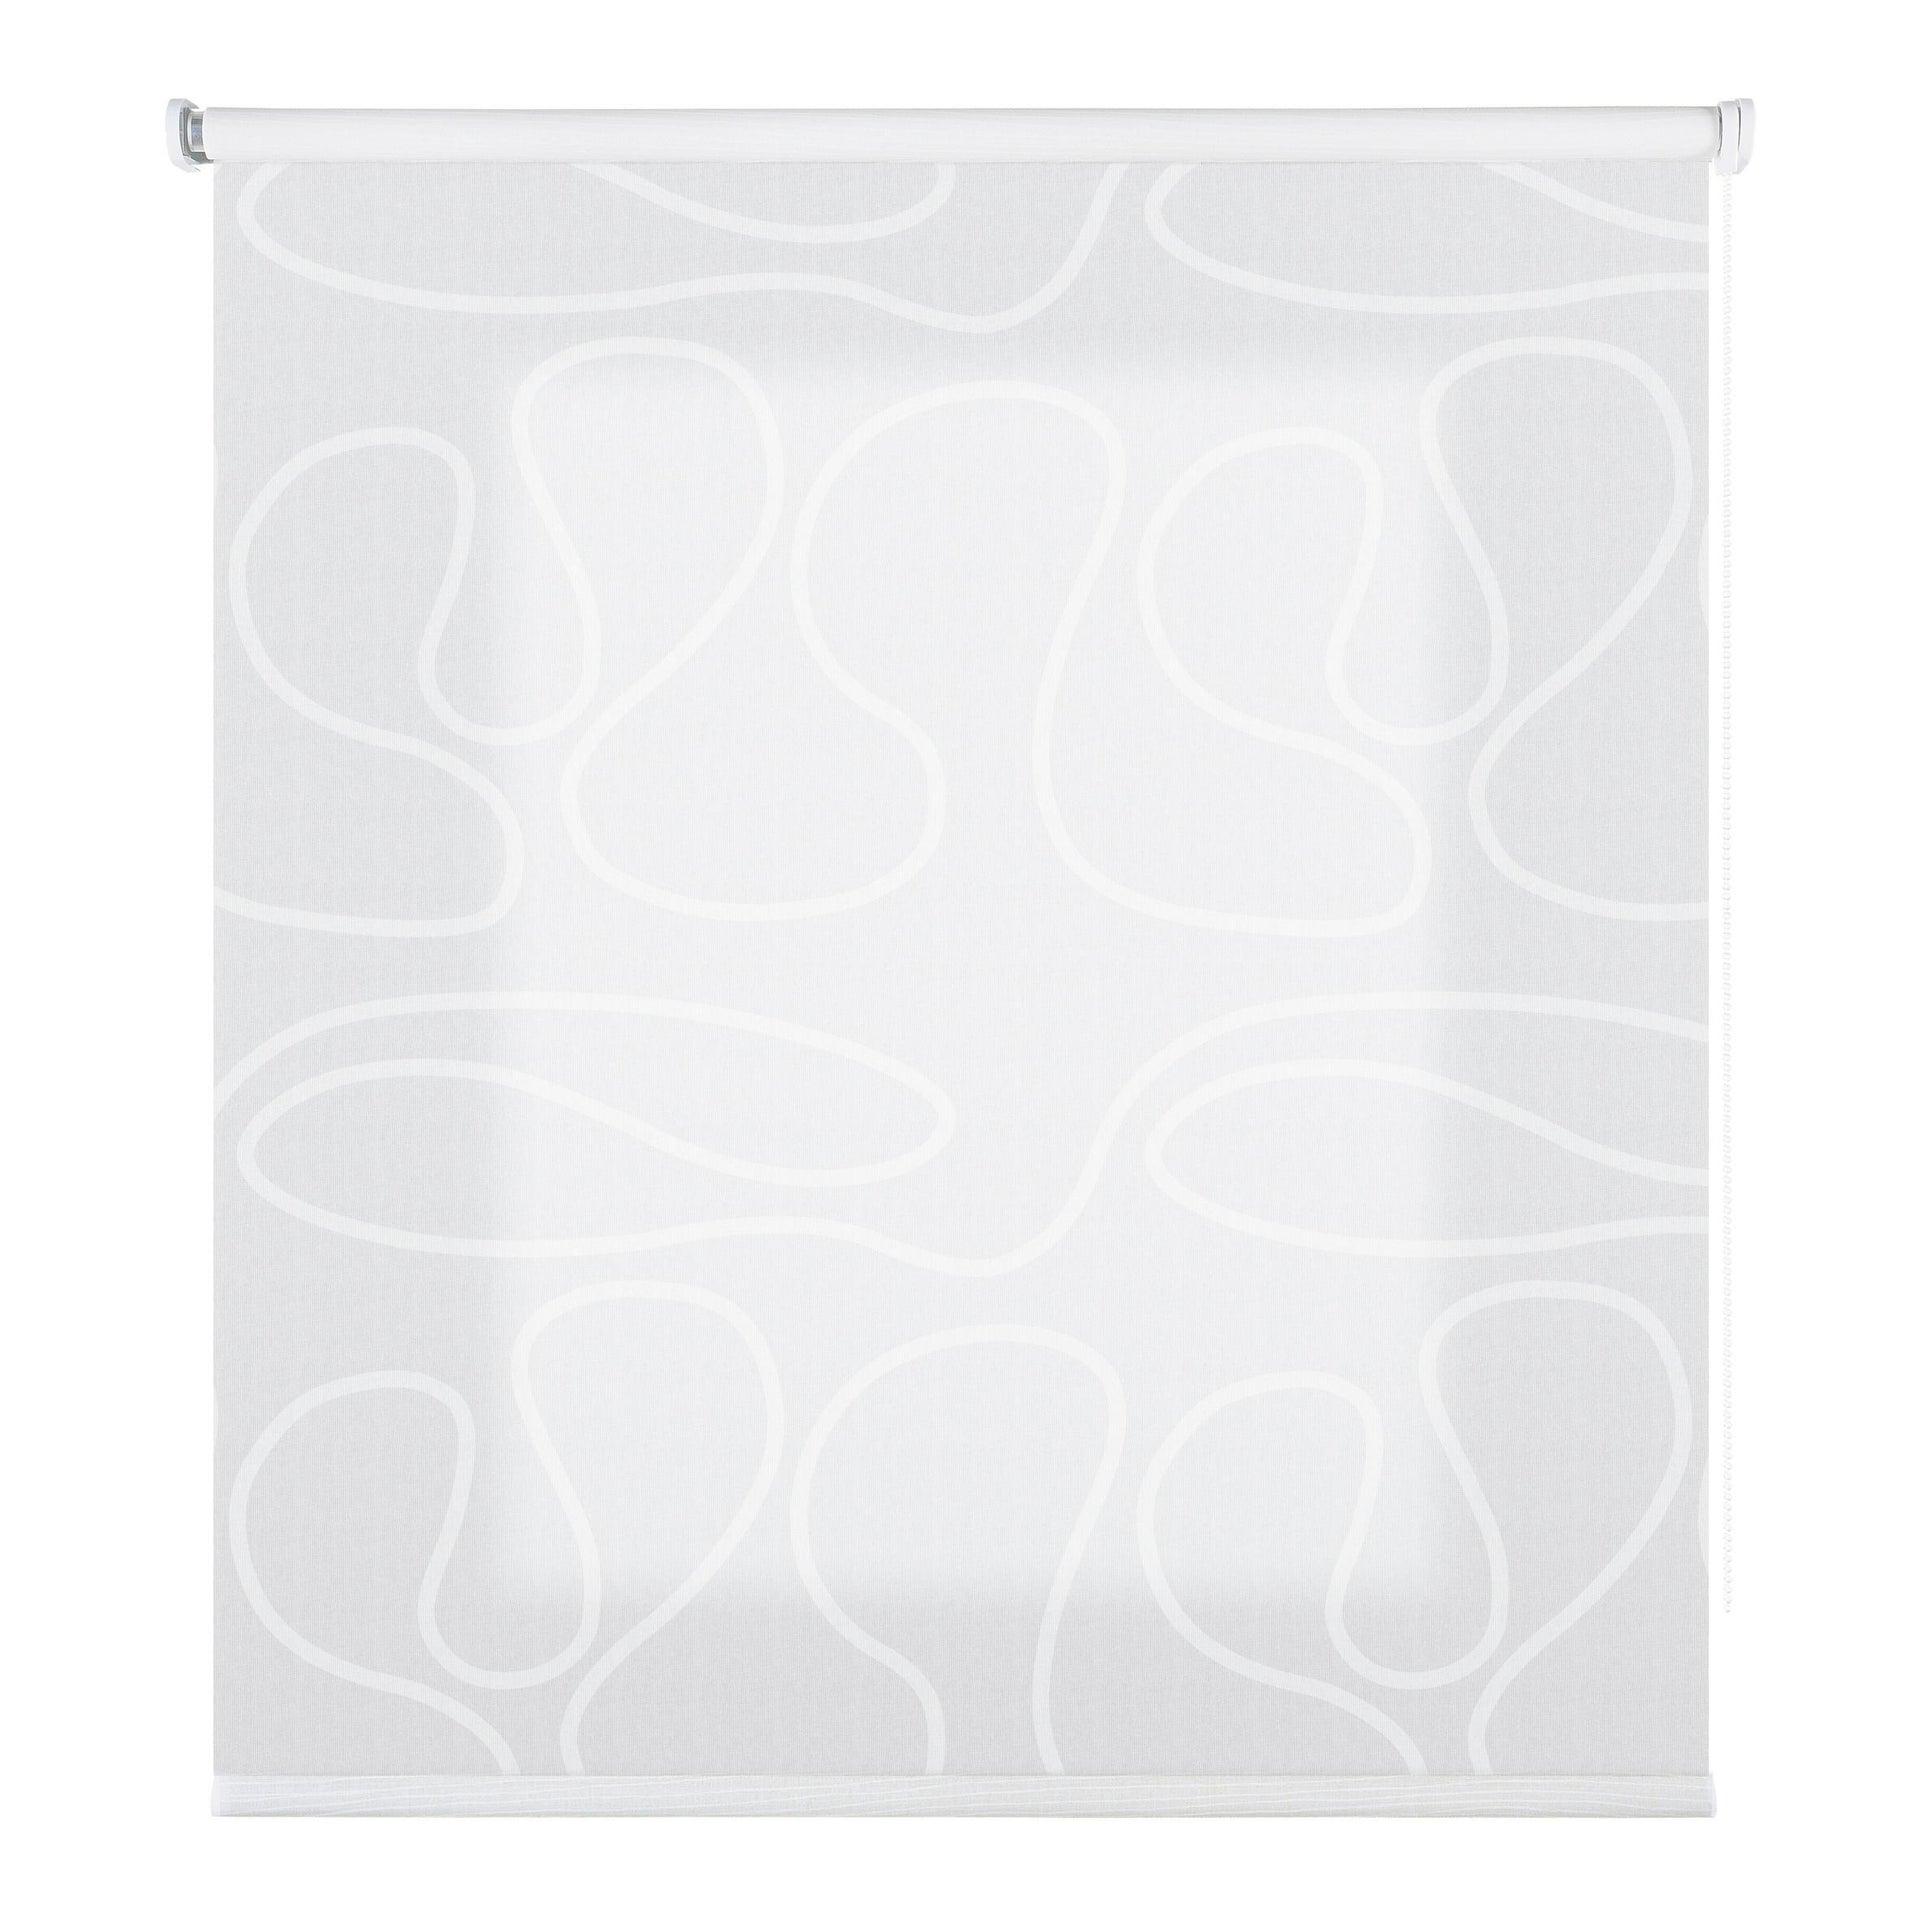 Tenda a rullo filtrante Duna bianco 45 x 250 cm - 2